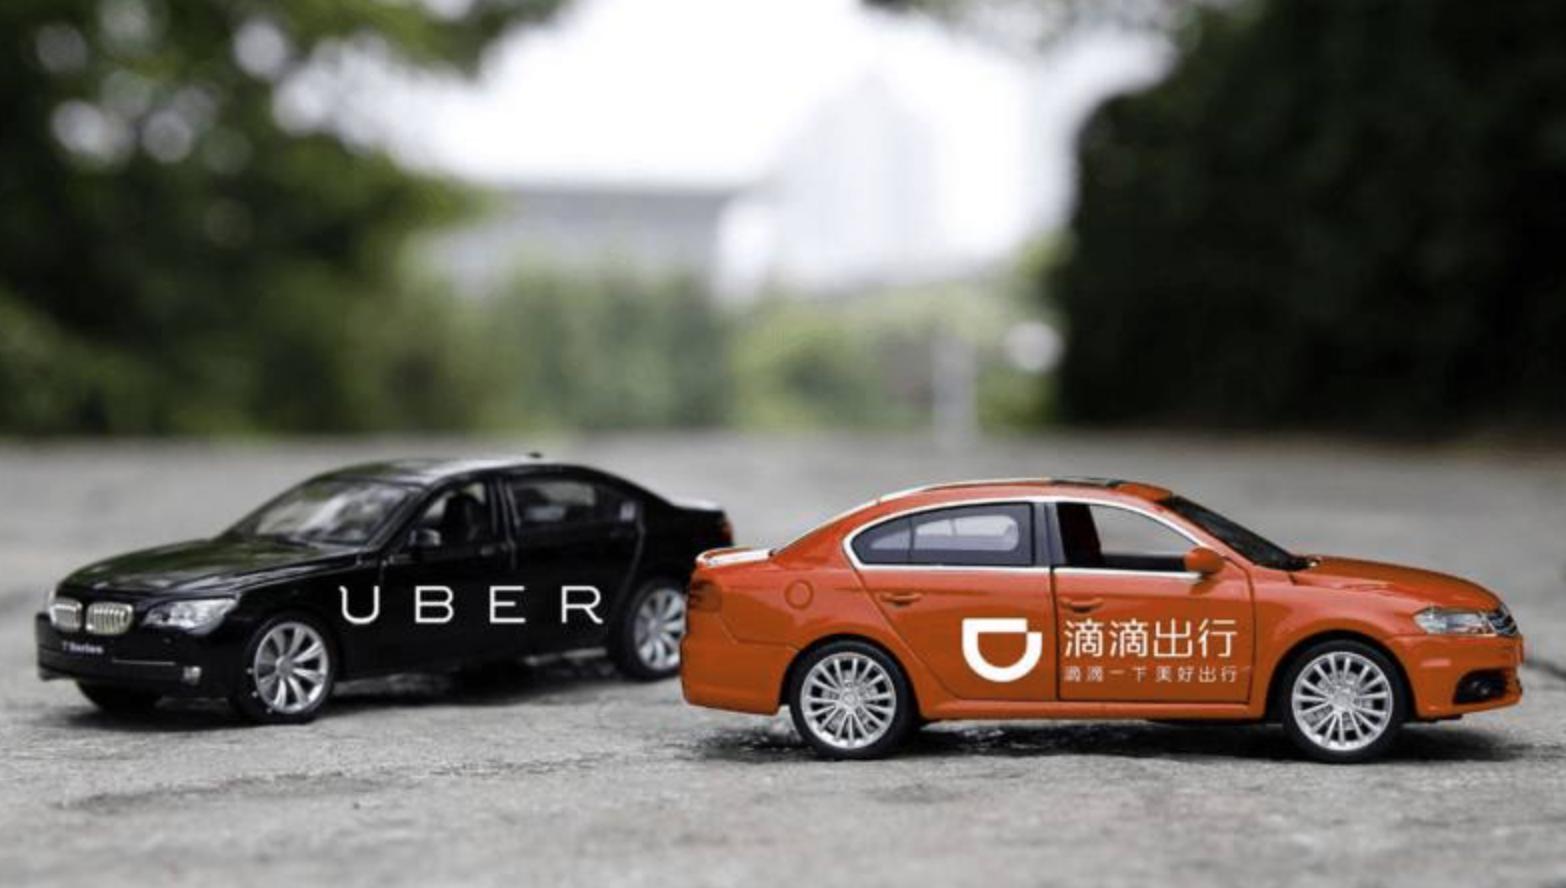 滴滴、Uber改变了全球出行 却仍对抗交通难题